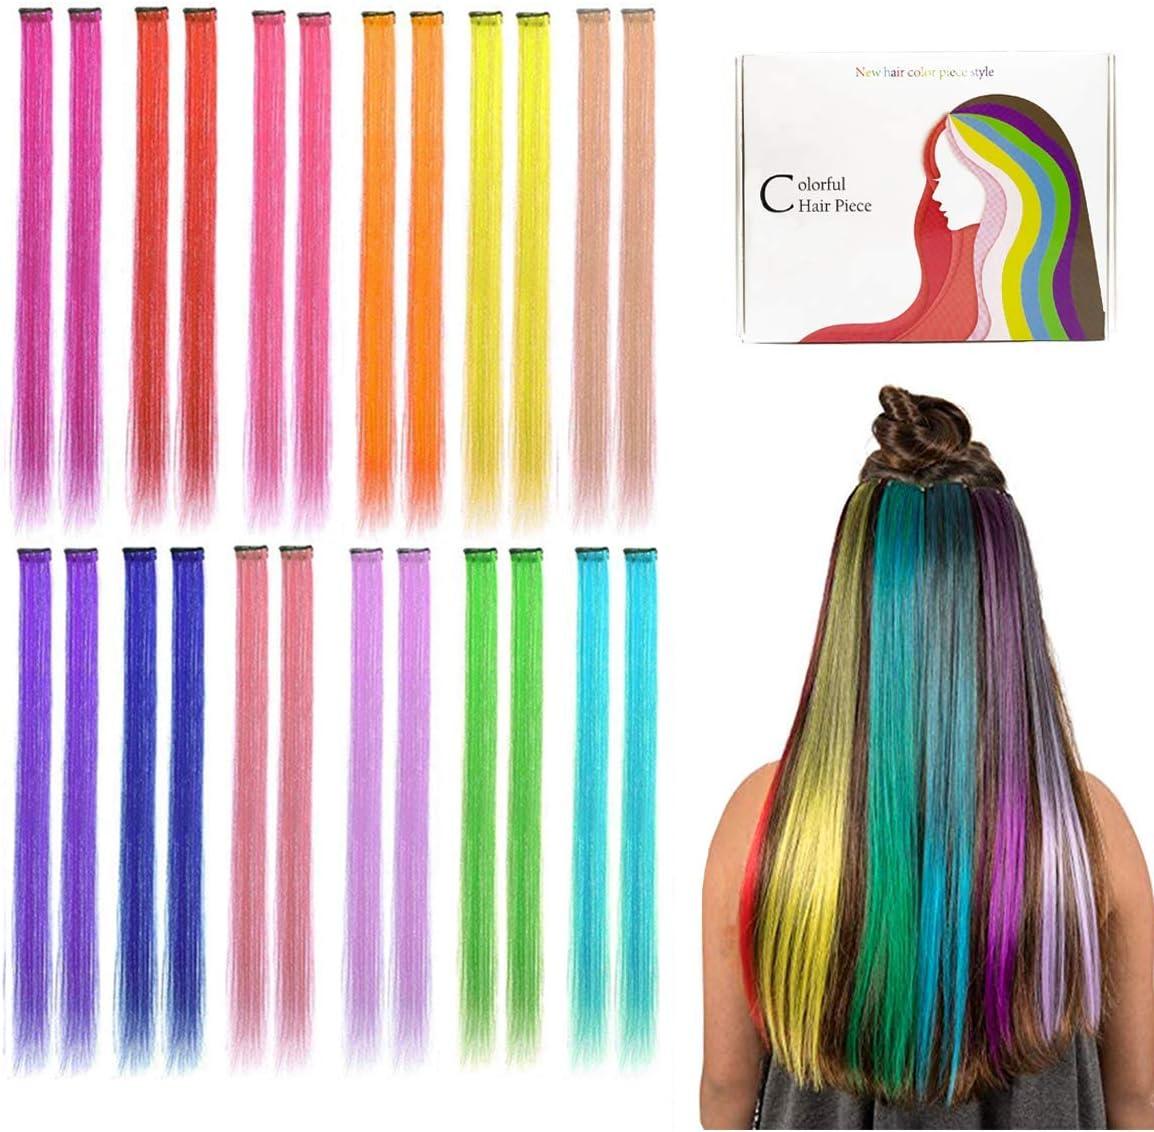 Kyerivs Extensiones de Pelo con Clip Destacadas de Fiesta Coloridas, 50 cm, resistente al calor, recto, extensiones de cabello cospaly, fiesta de ...